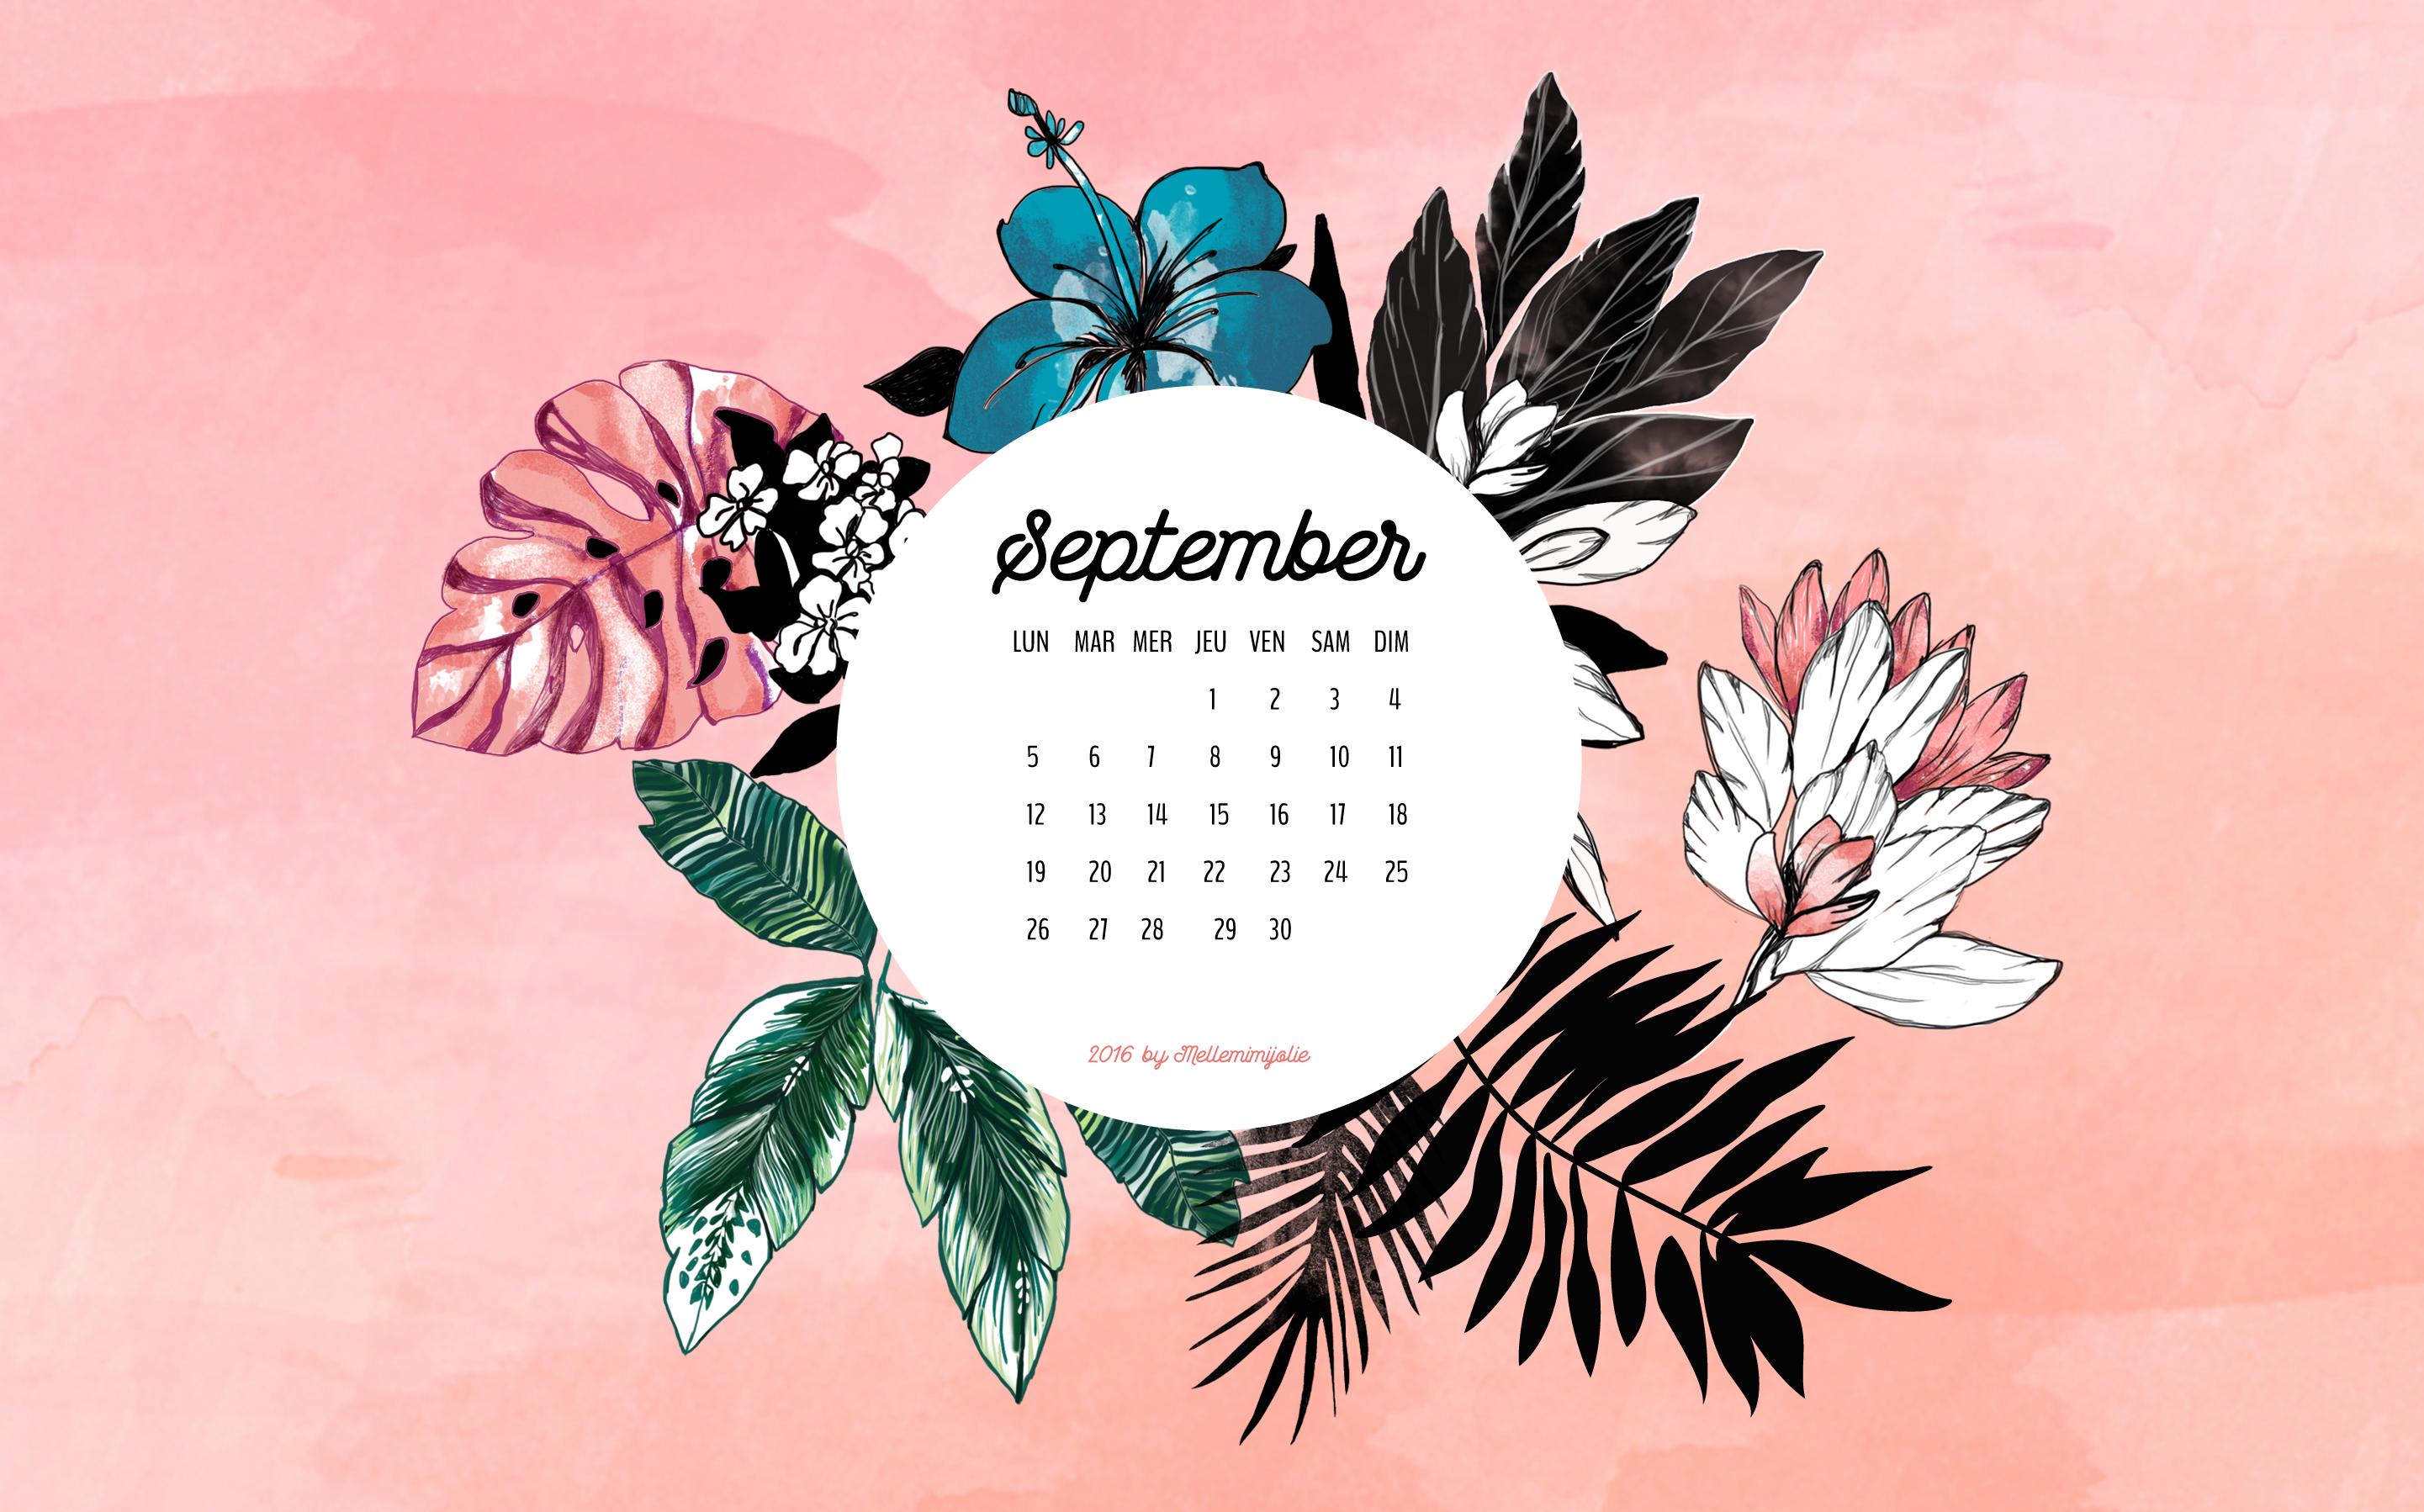 calendrier-tropical-septembre-mellemimijolie